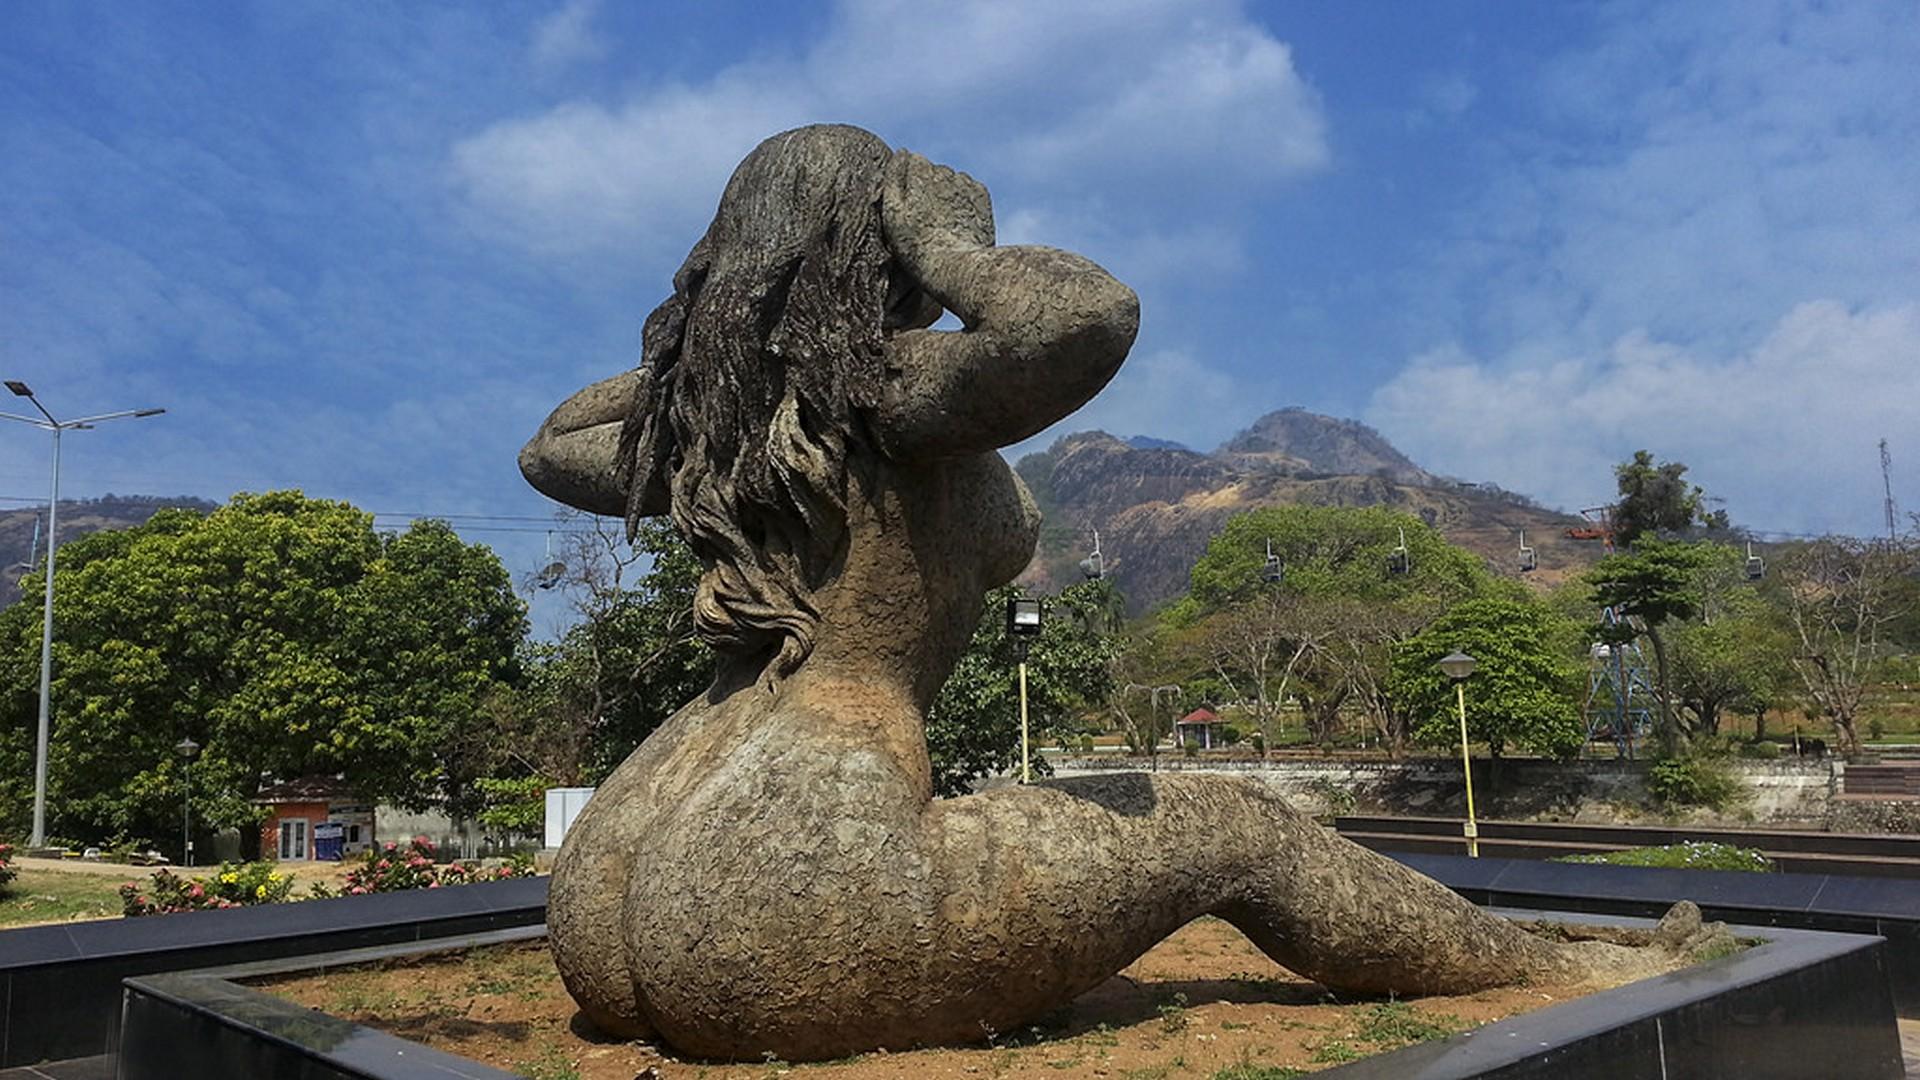 yakshi-statue-malampuzha-dam